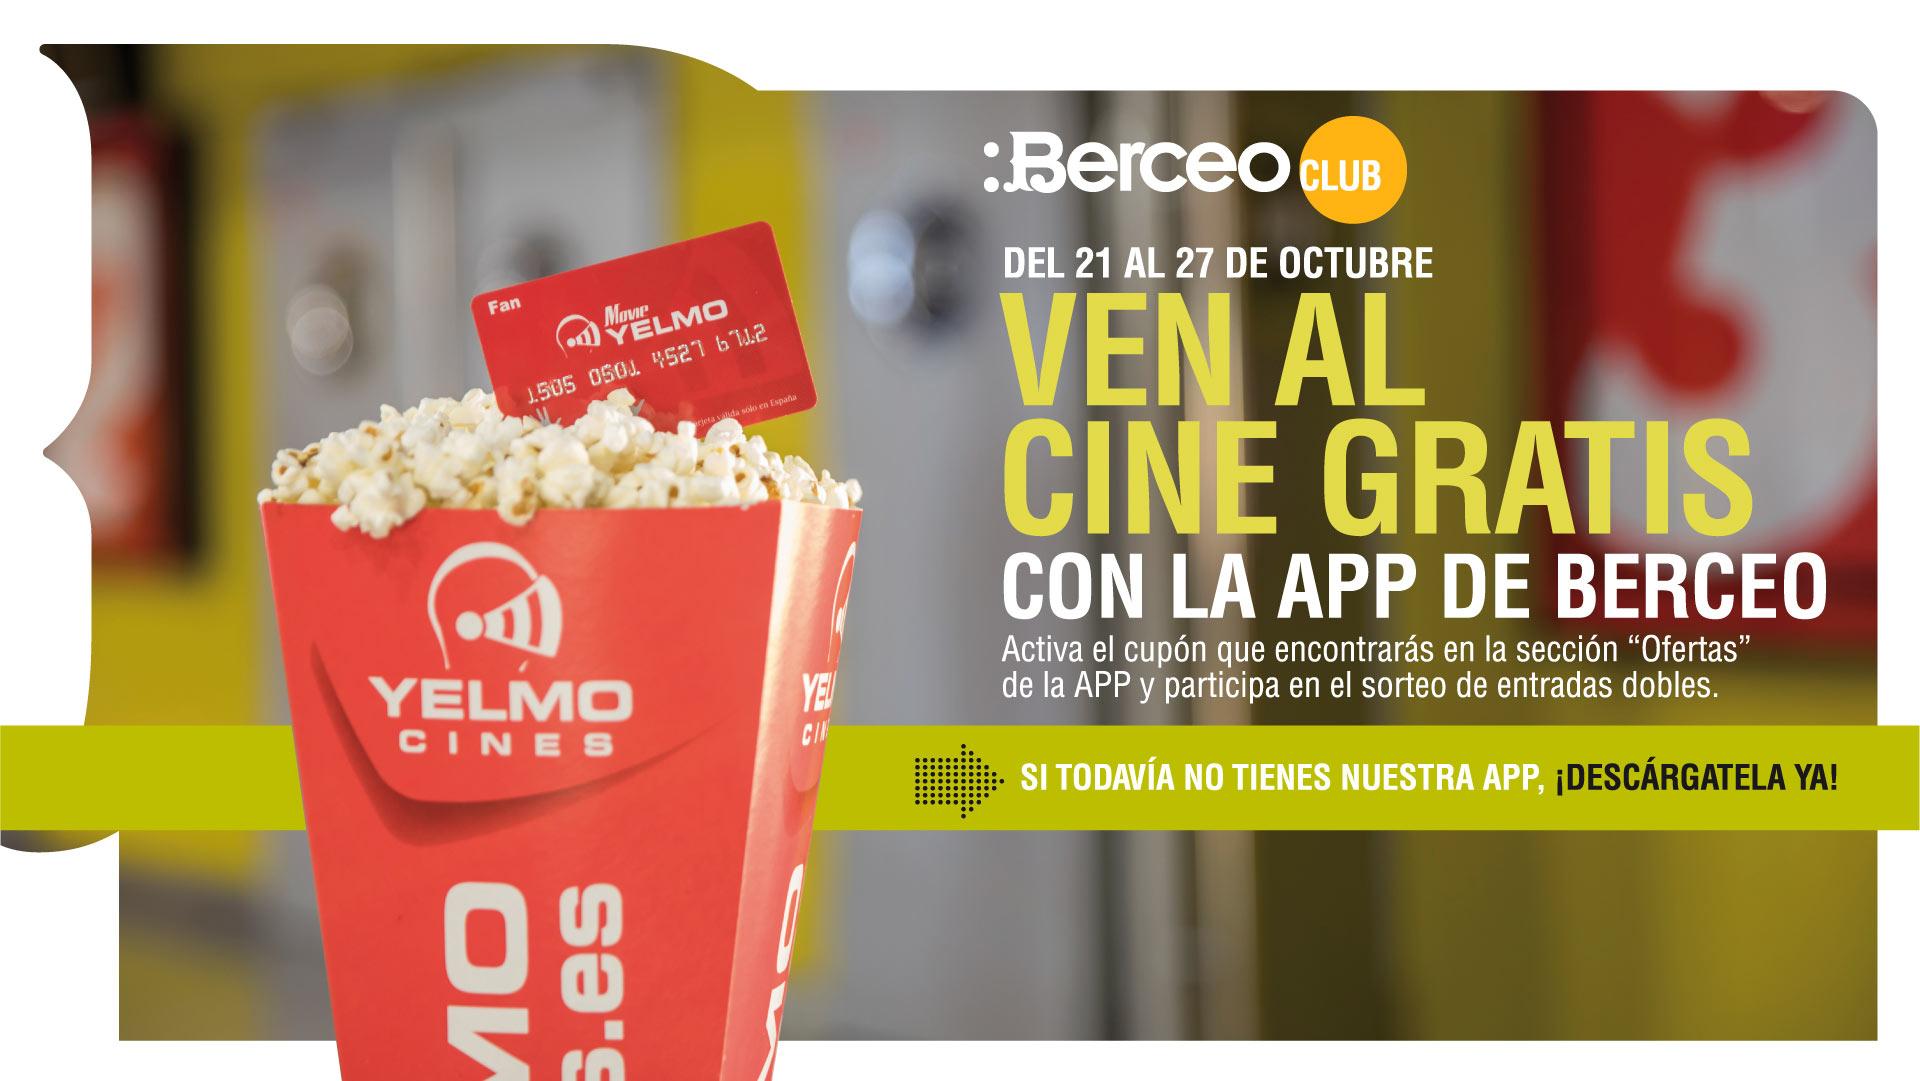 ¡TE INVITAMOS AL CINE CON LA APP DE BERCEO!